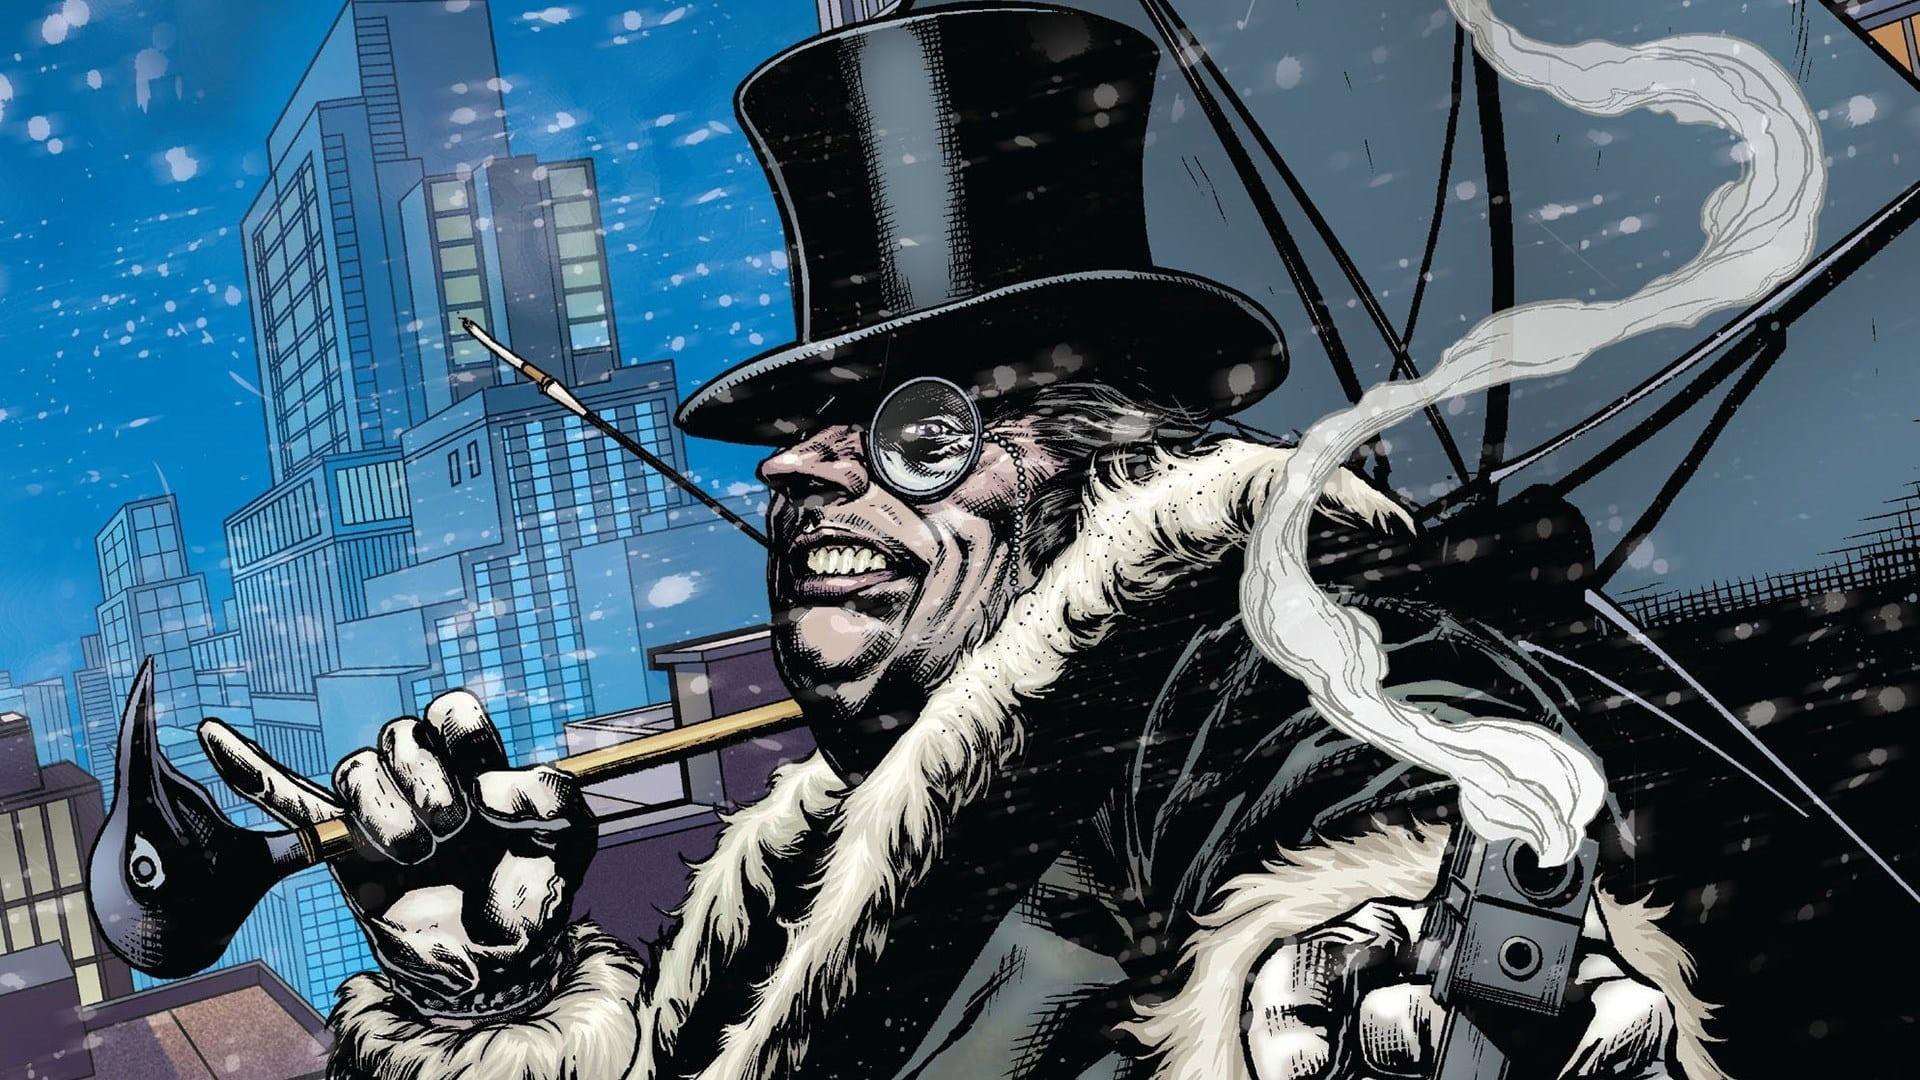 Pinguim, quem é? História e habilidades do inimigo do Batman